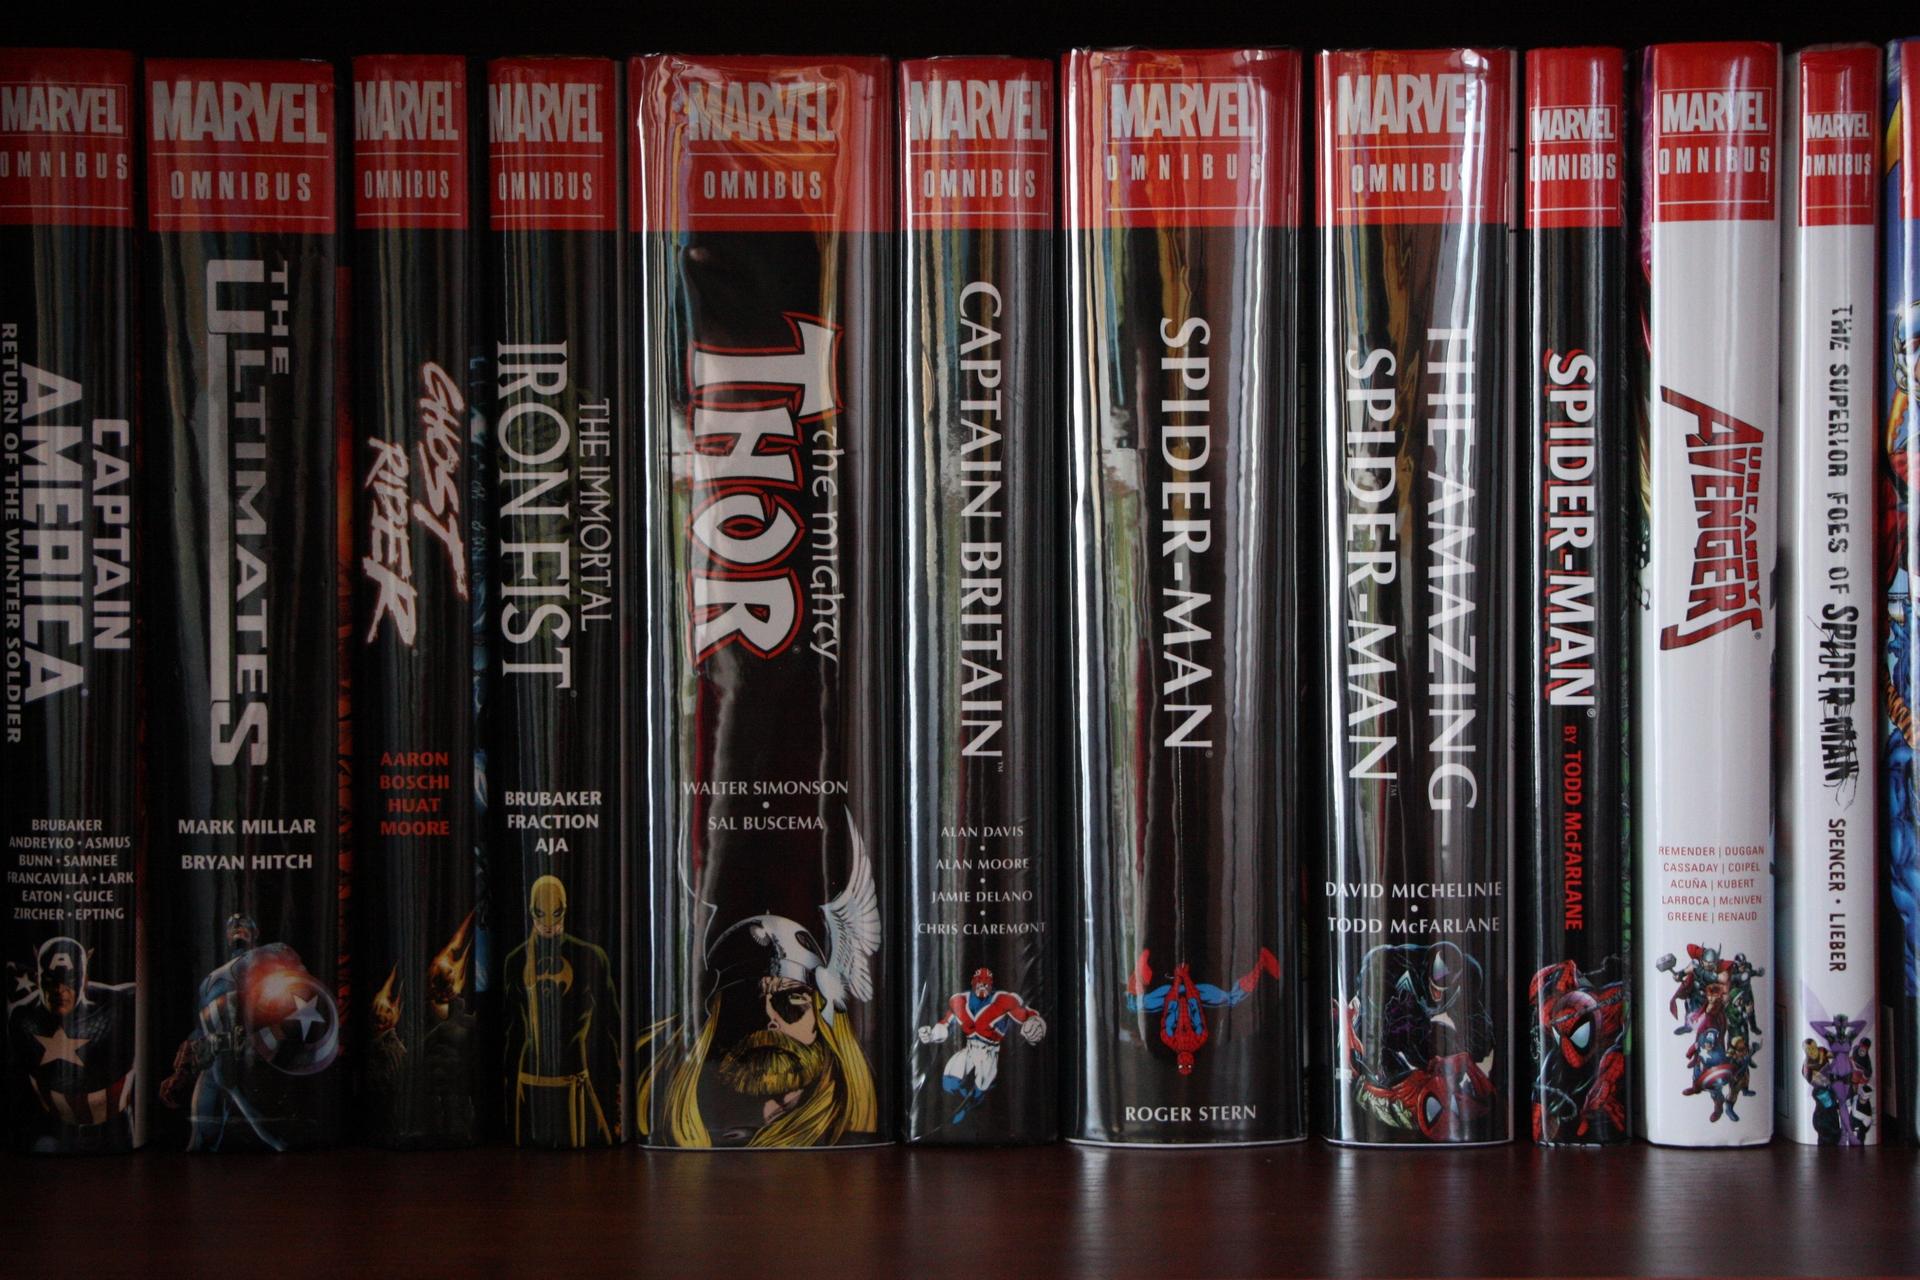 Thor, Spider-man, ASM - обернуты, Captain Britain в заводской пленке, остальные книги без пластика.